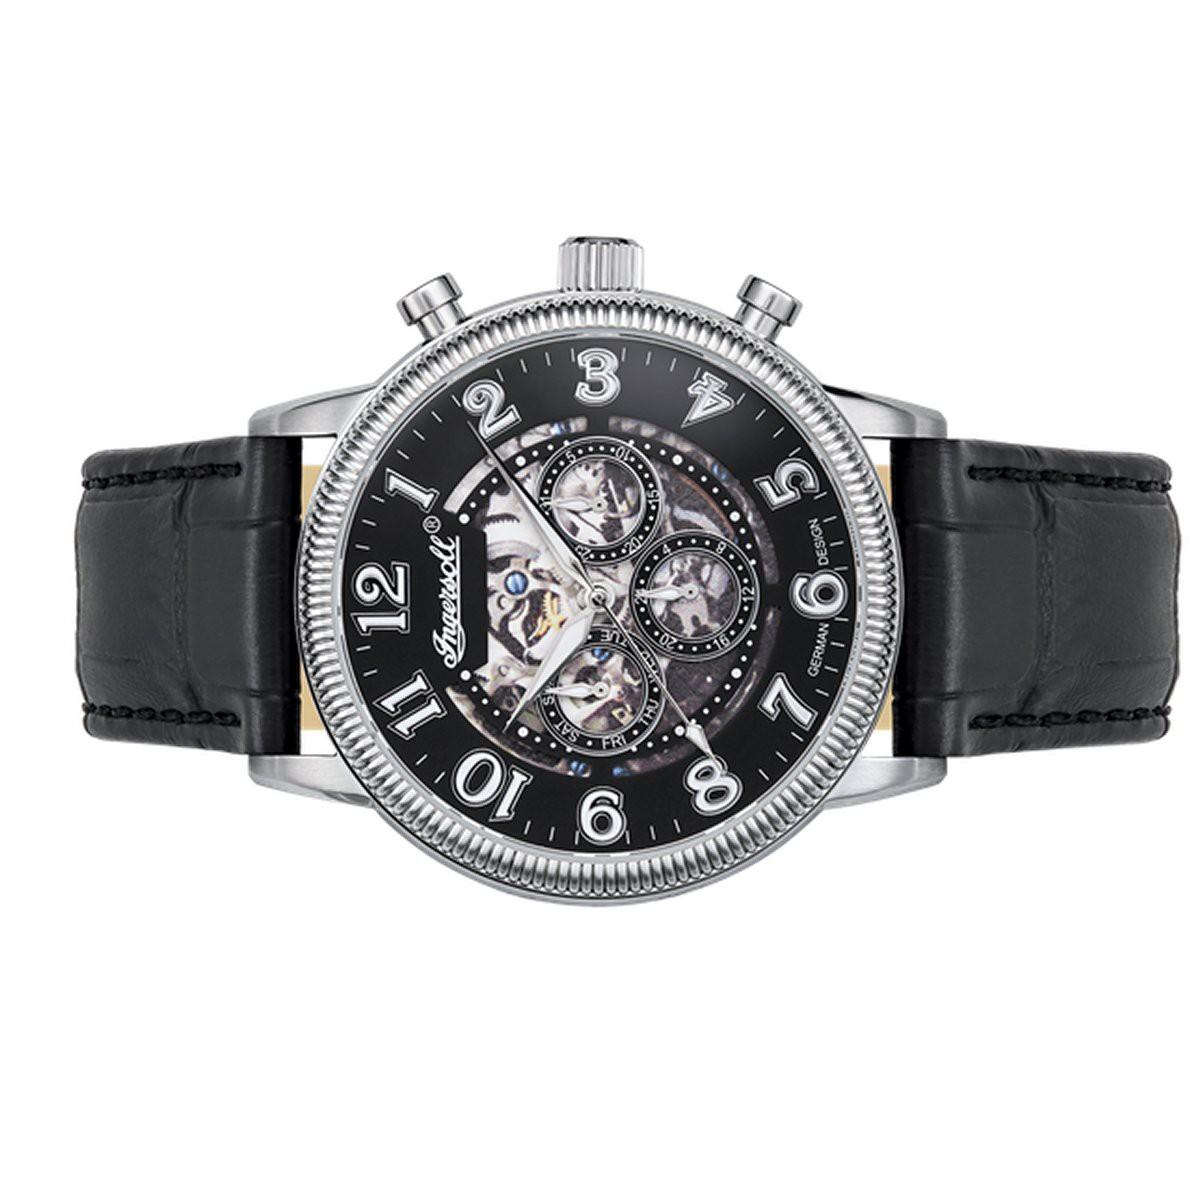 ingersoll herren uhr armbanduhr automatik tipico in7218bk. Black Bedroom Furniture Sets. Home Design Ideas